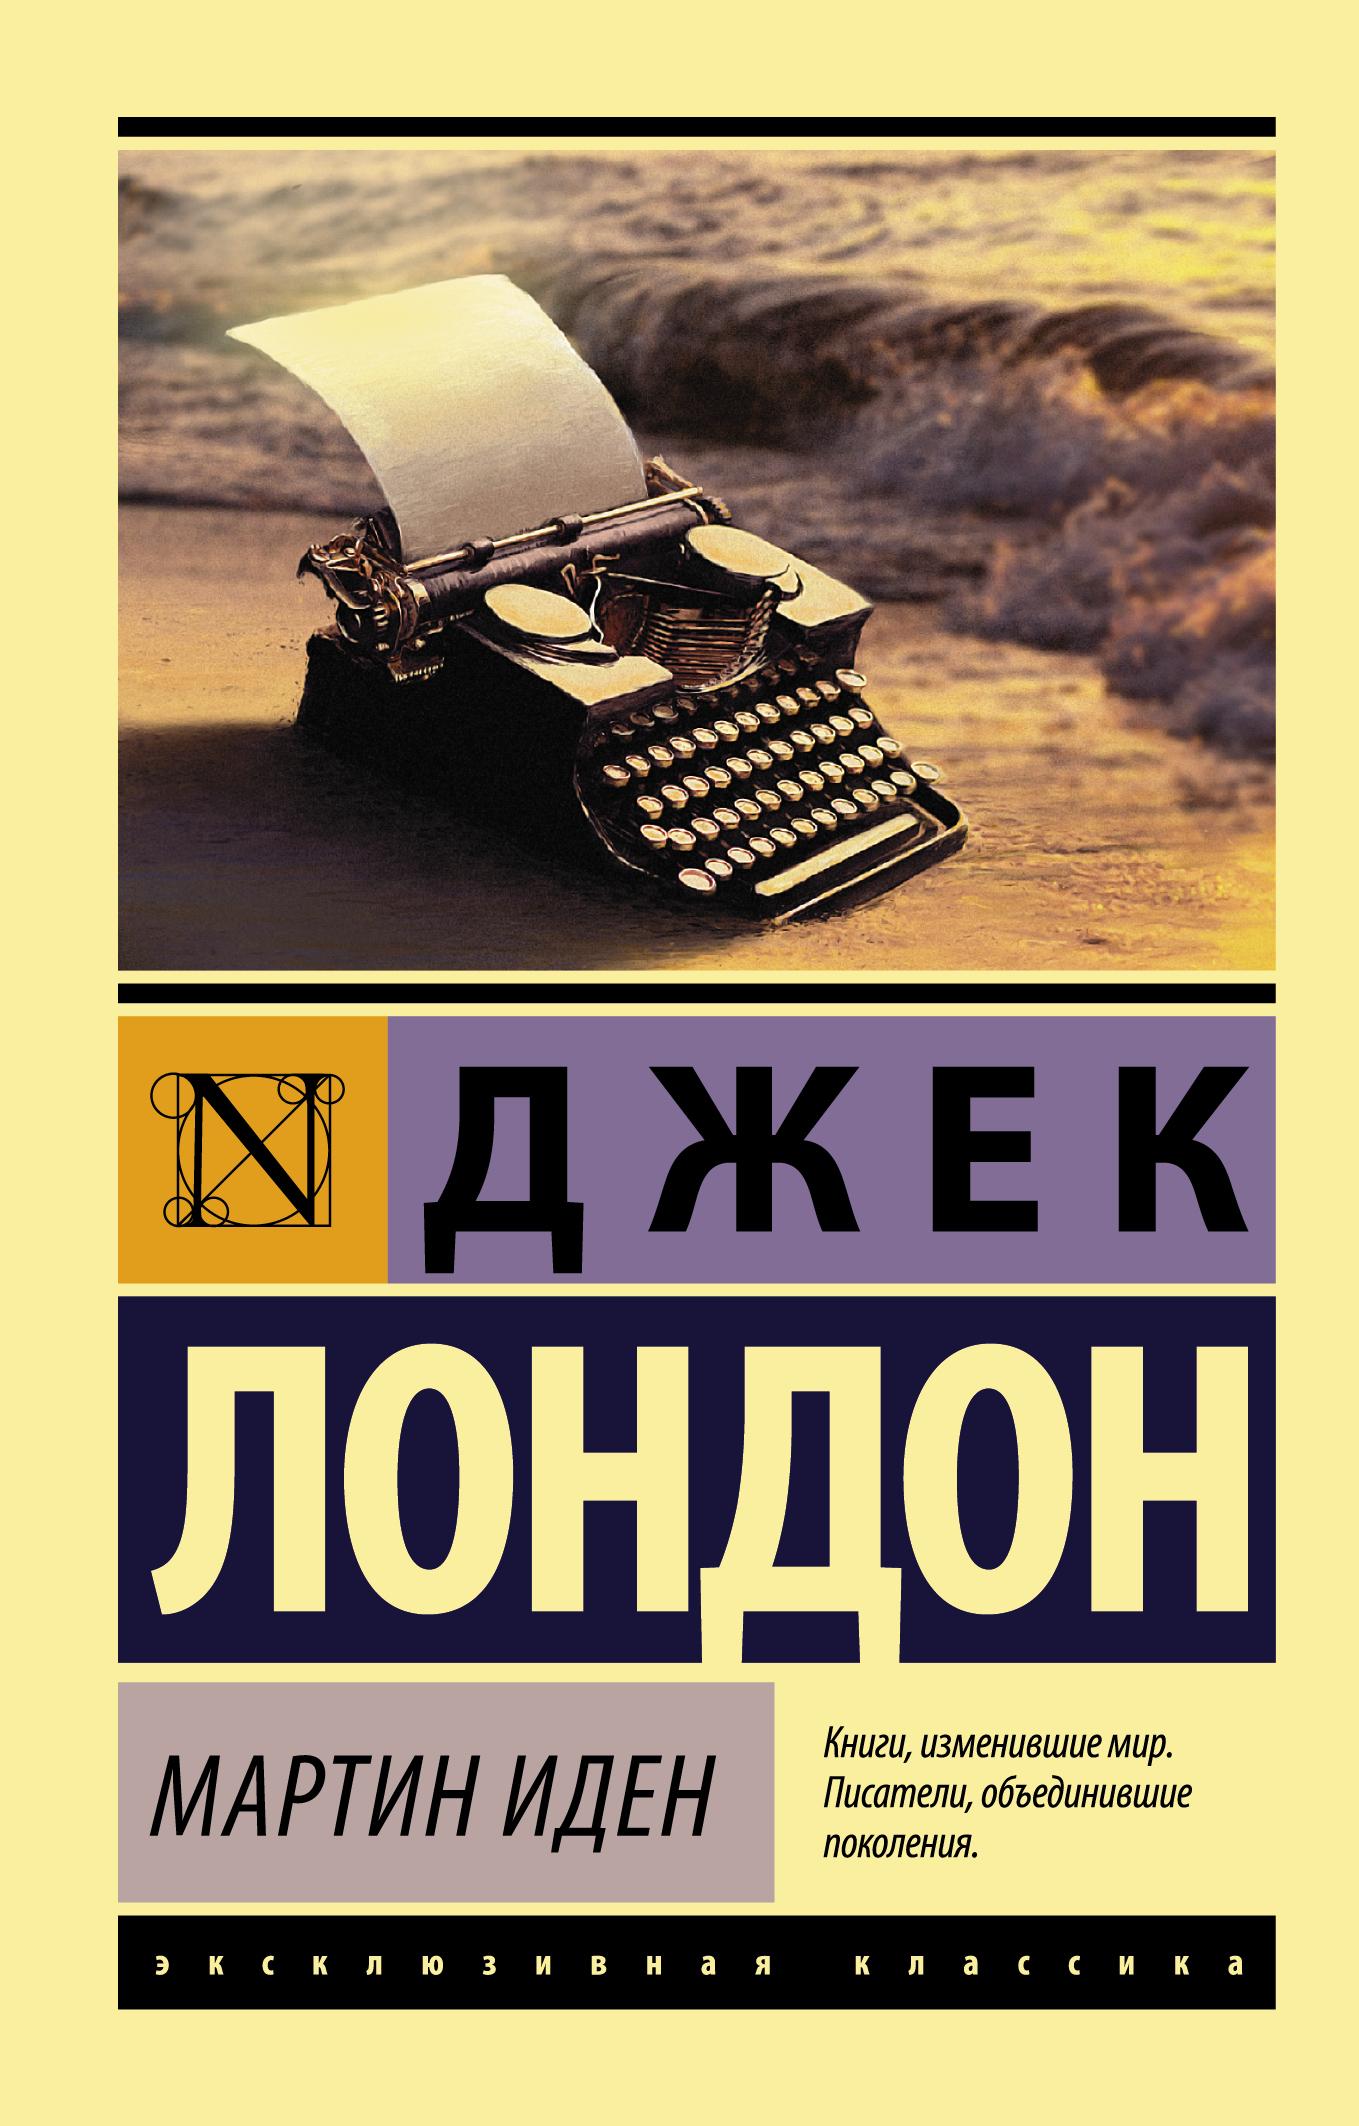 Джек лондон книга мартин иден – скачать fb2, epub, pdf бесплатно.